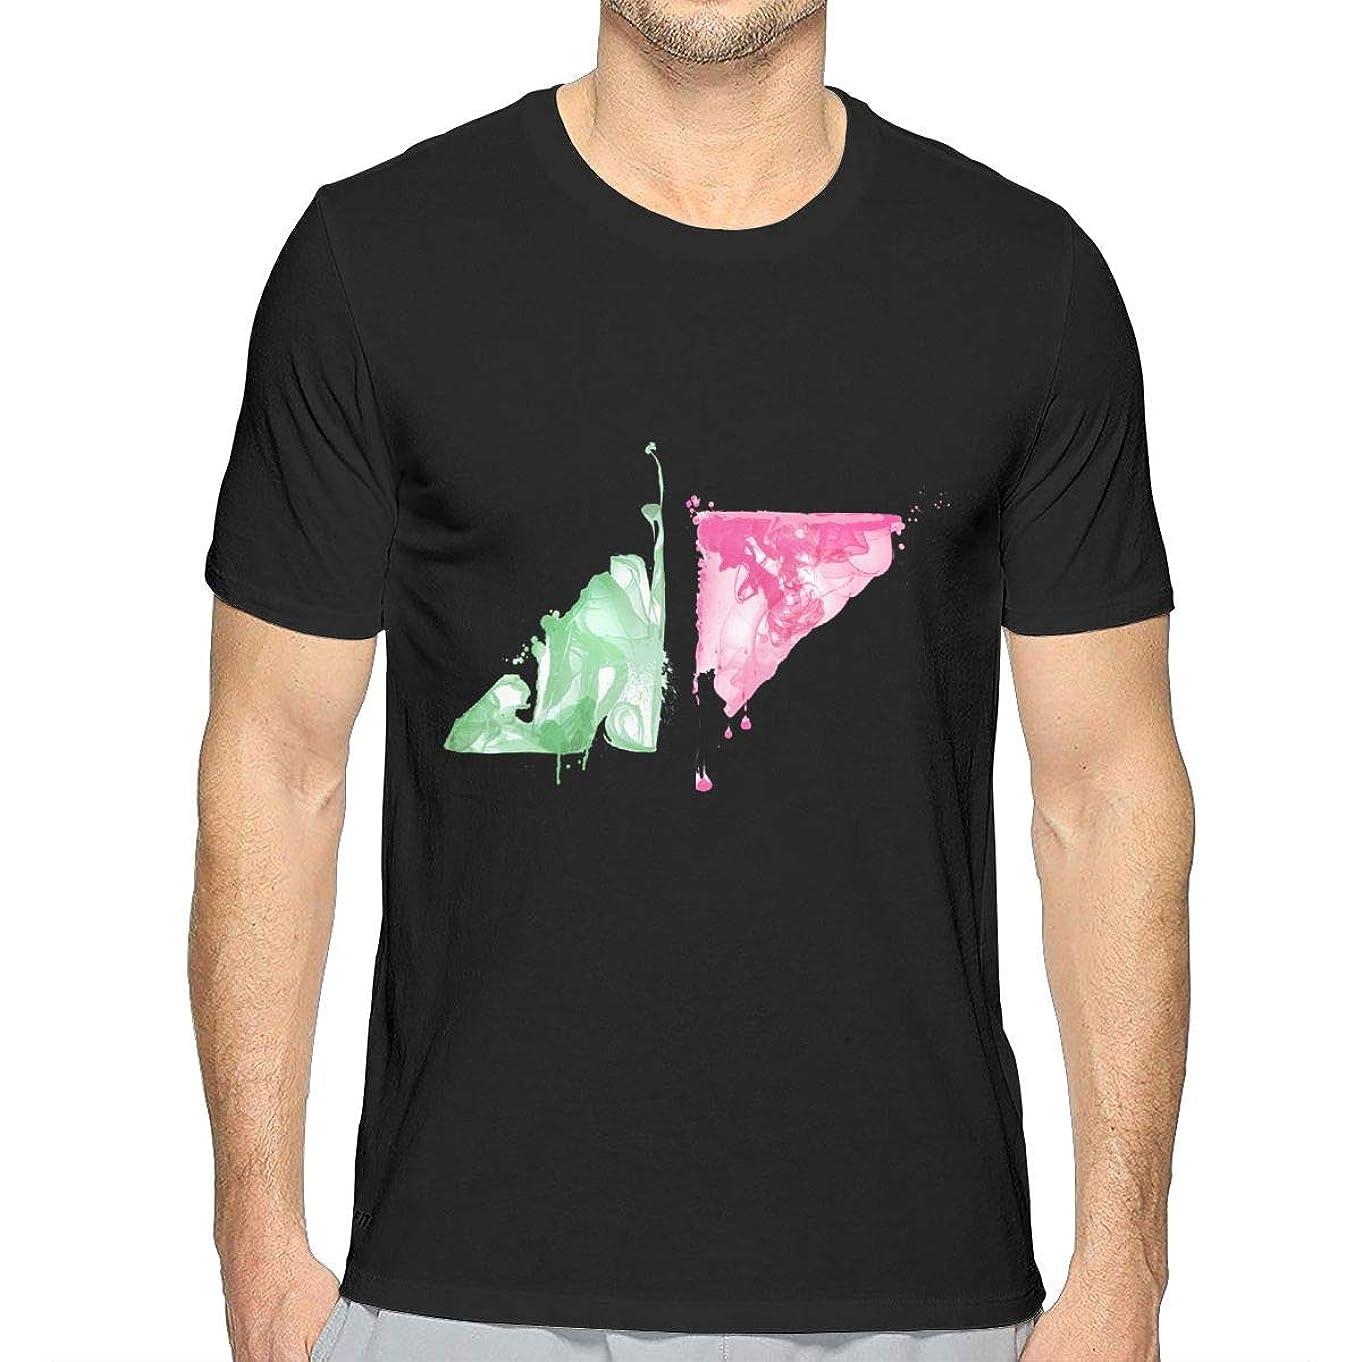 想像力頭痛太平洋諸島Avicii 1 メンズ シャツ 半袖 薄手 カットソー カジュアル トップス オリジナル プリント シンプル ファッション